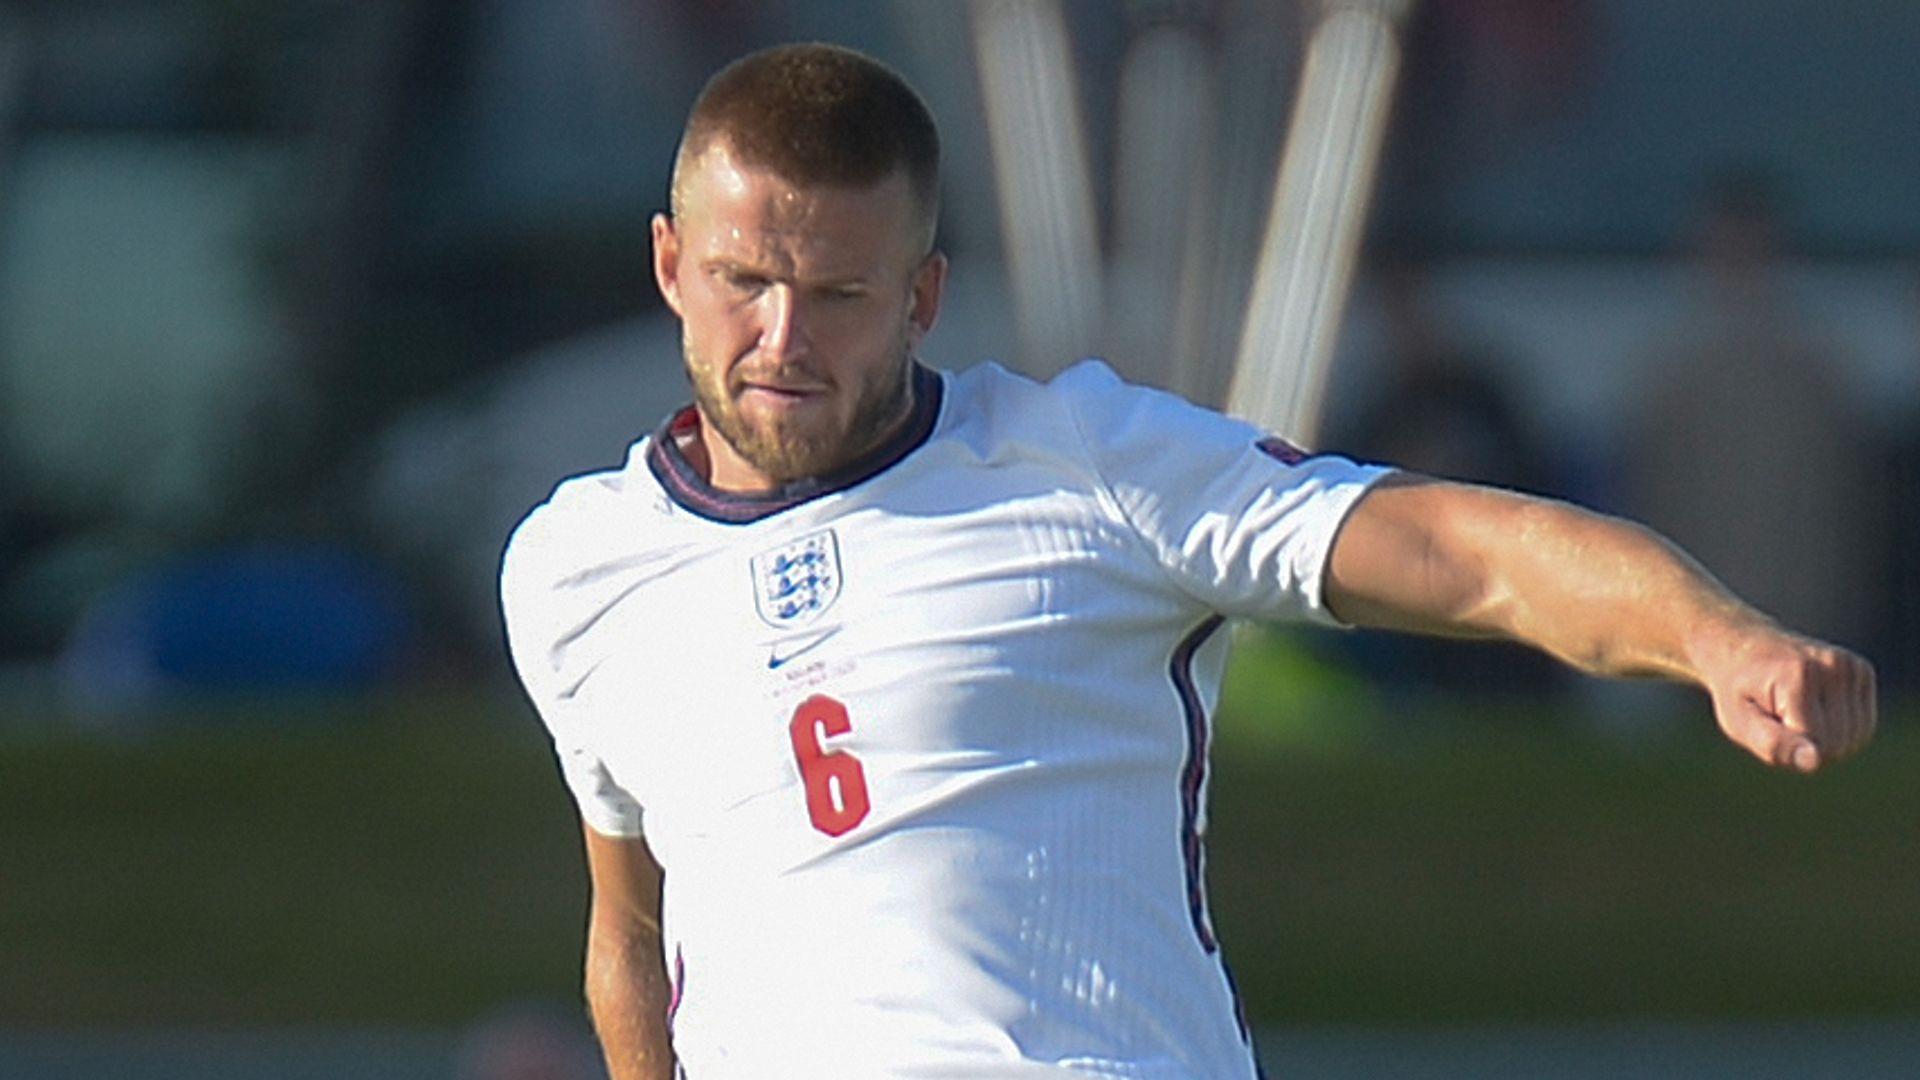 Dier to miss Denmark match through injury